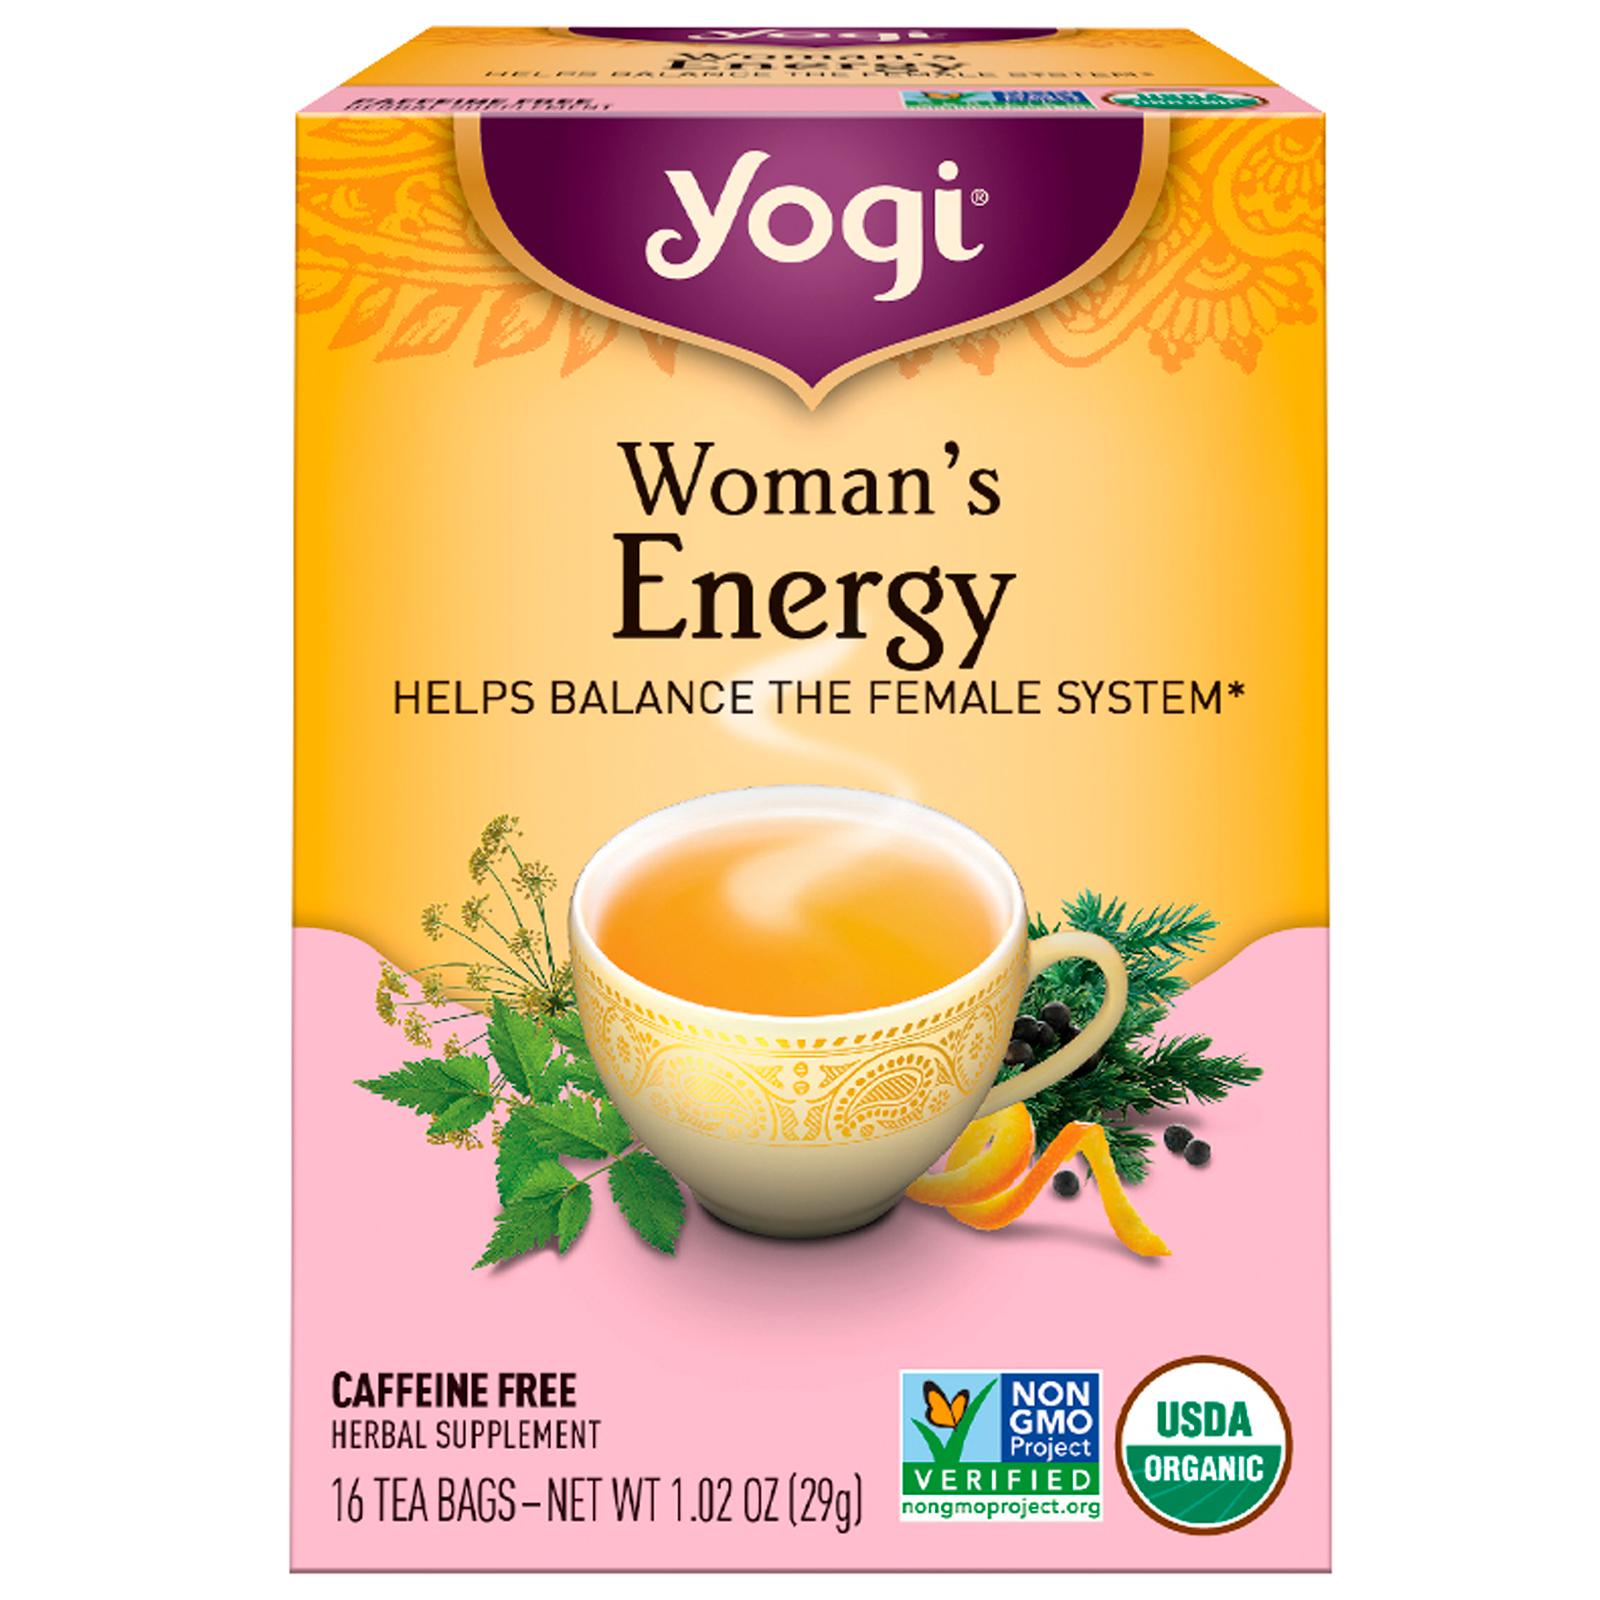 yogi tea 女性のエネルギー カフェインフリー 16ティーバッグ 1 02